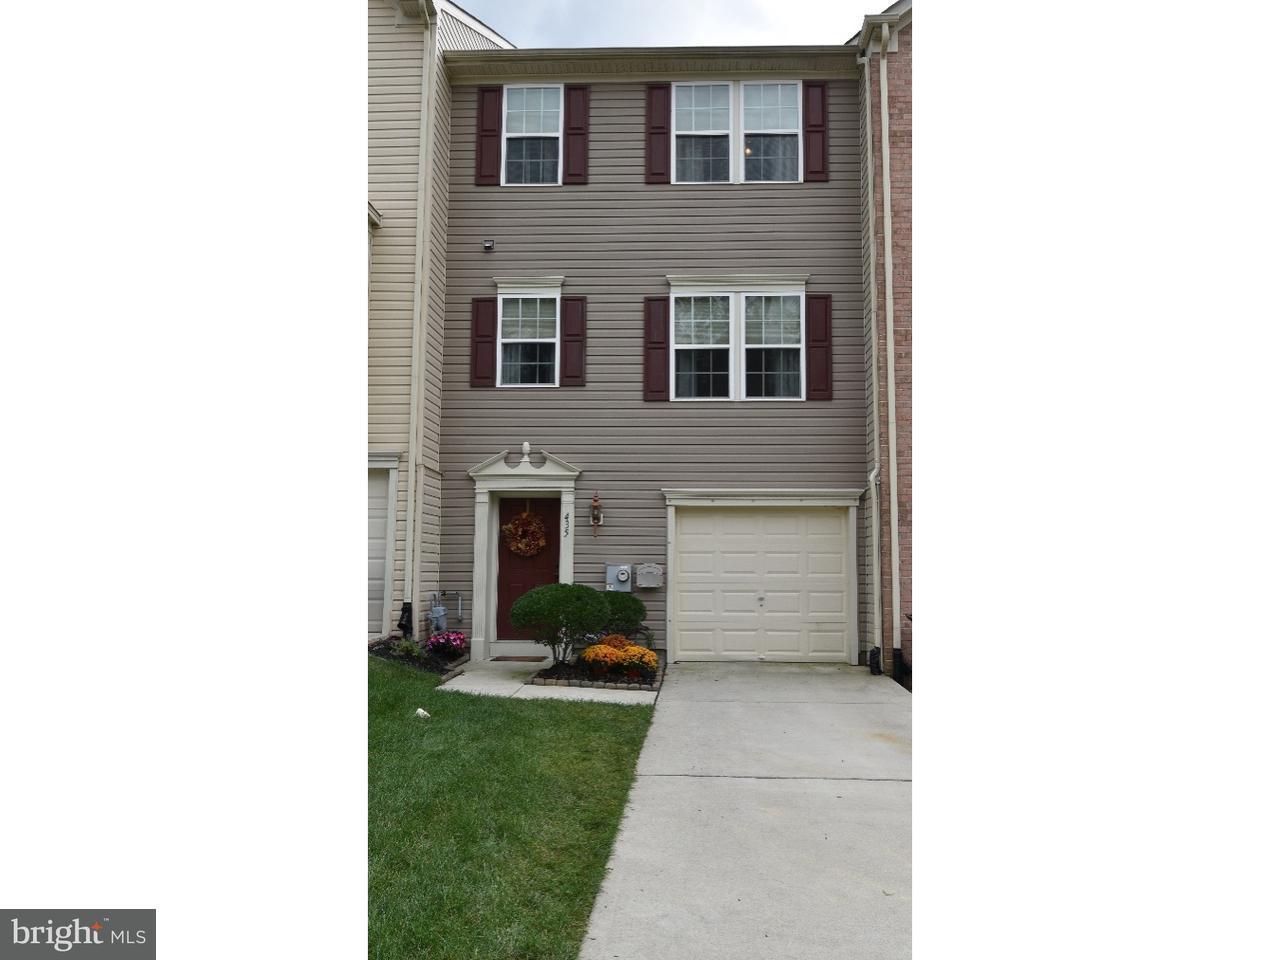 Casa unifamiliar adosada (Townhouse) por un Alquiler en 435 CONCETTA Drive Mount Royal, Nueva Jersey 08061 Estados Unidos